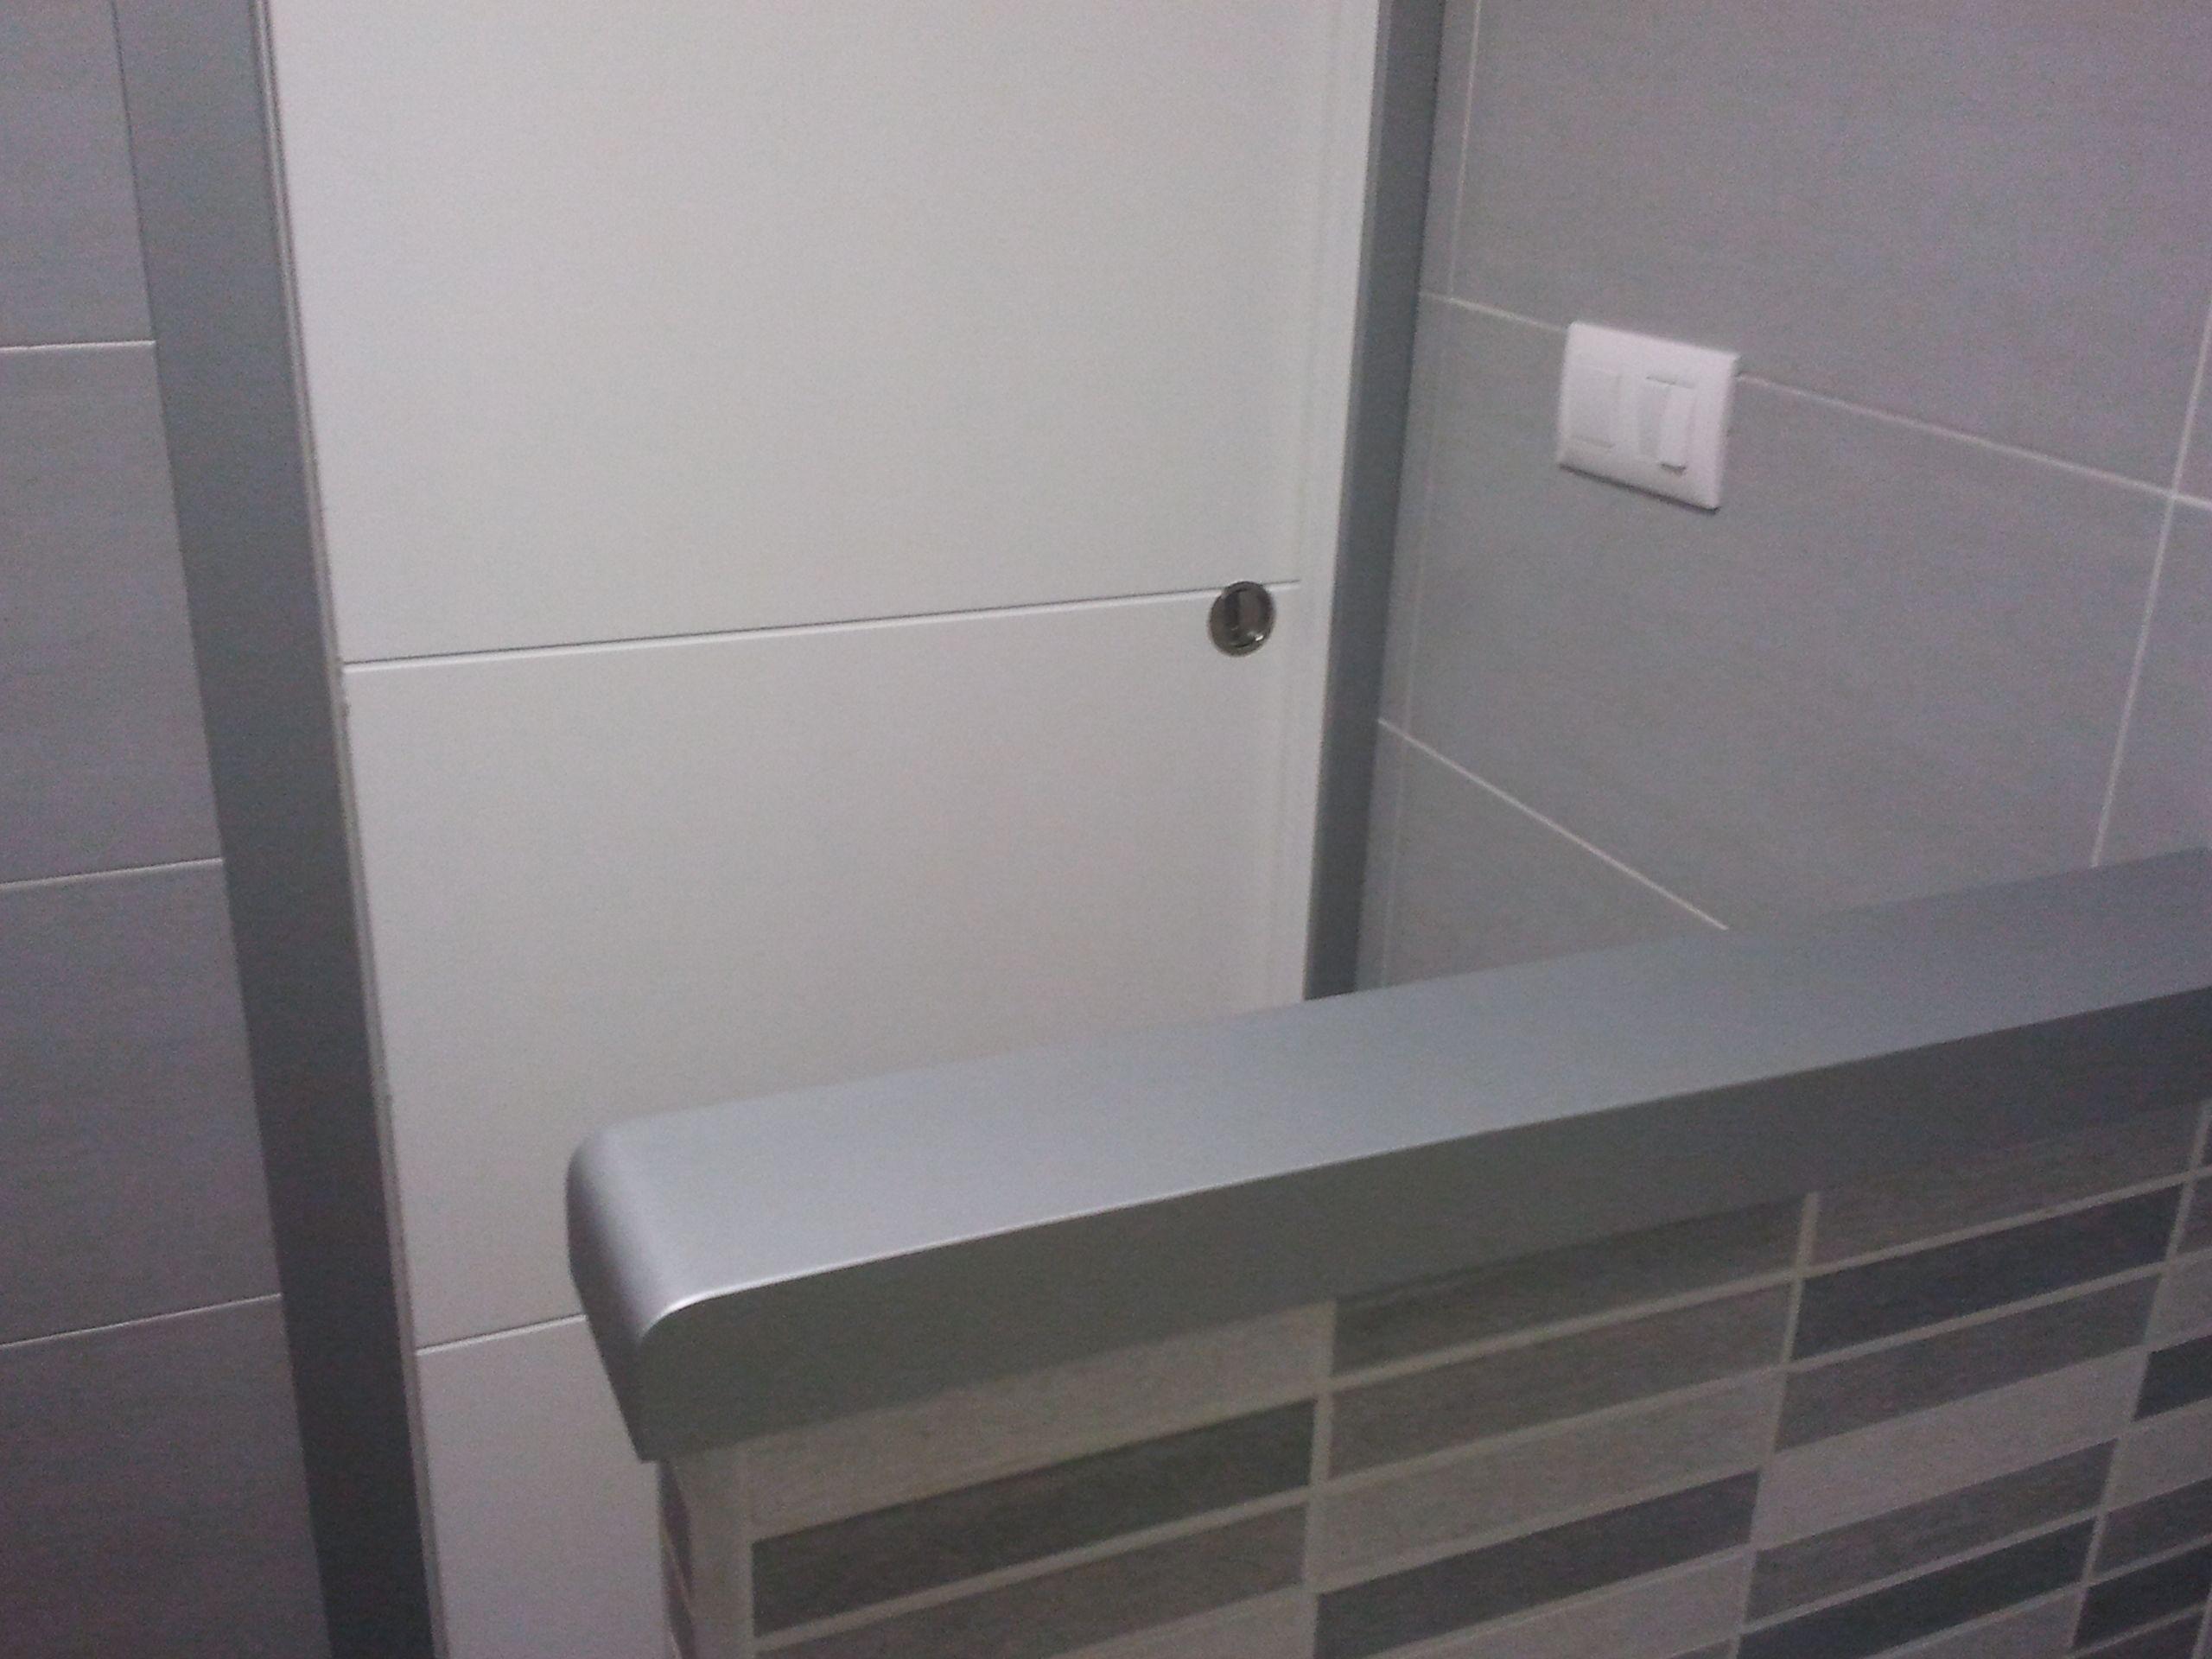 Pasamano en baño lacado efecto metal, a juego con tapajuntas de la puerta